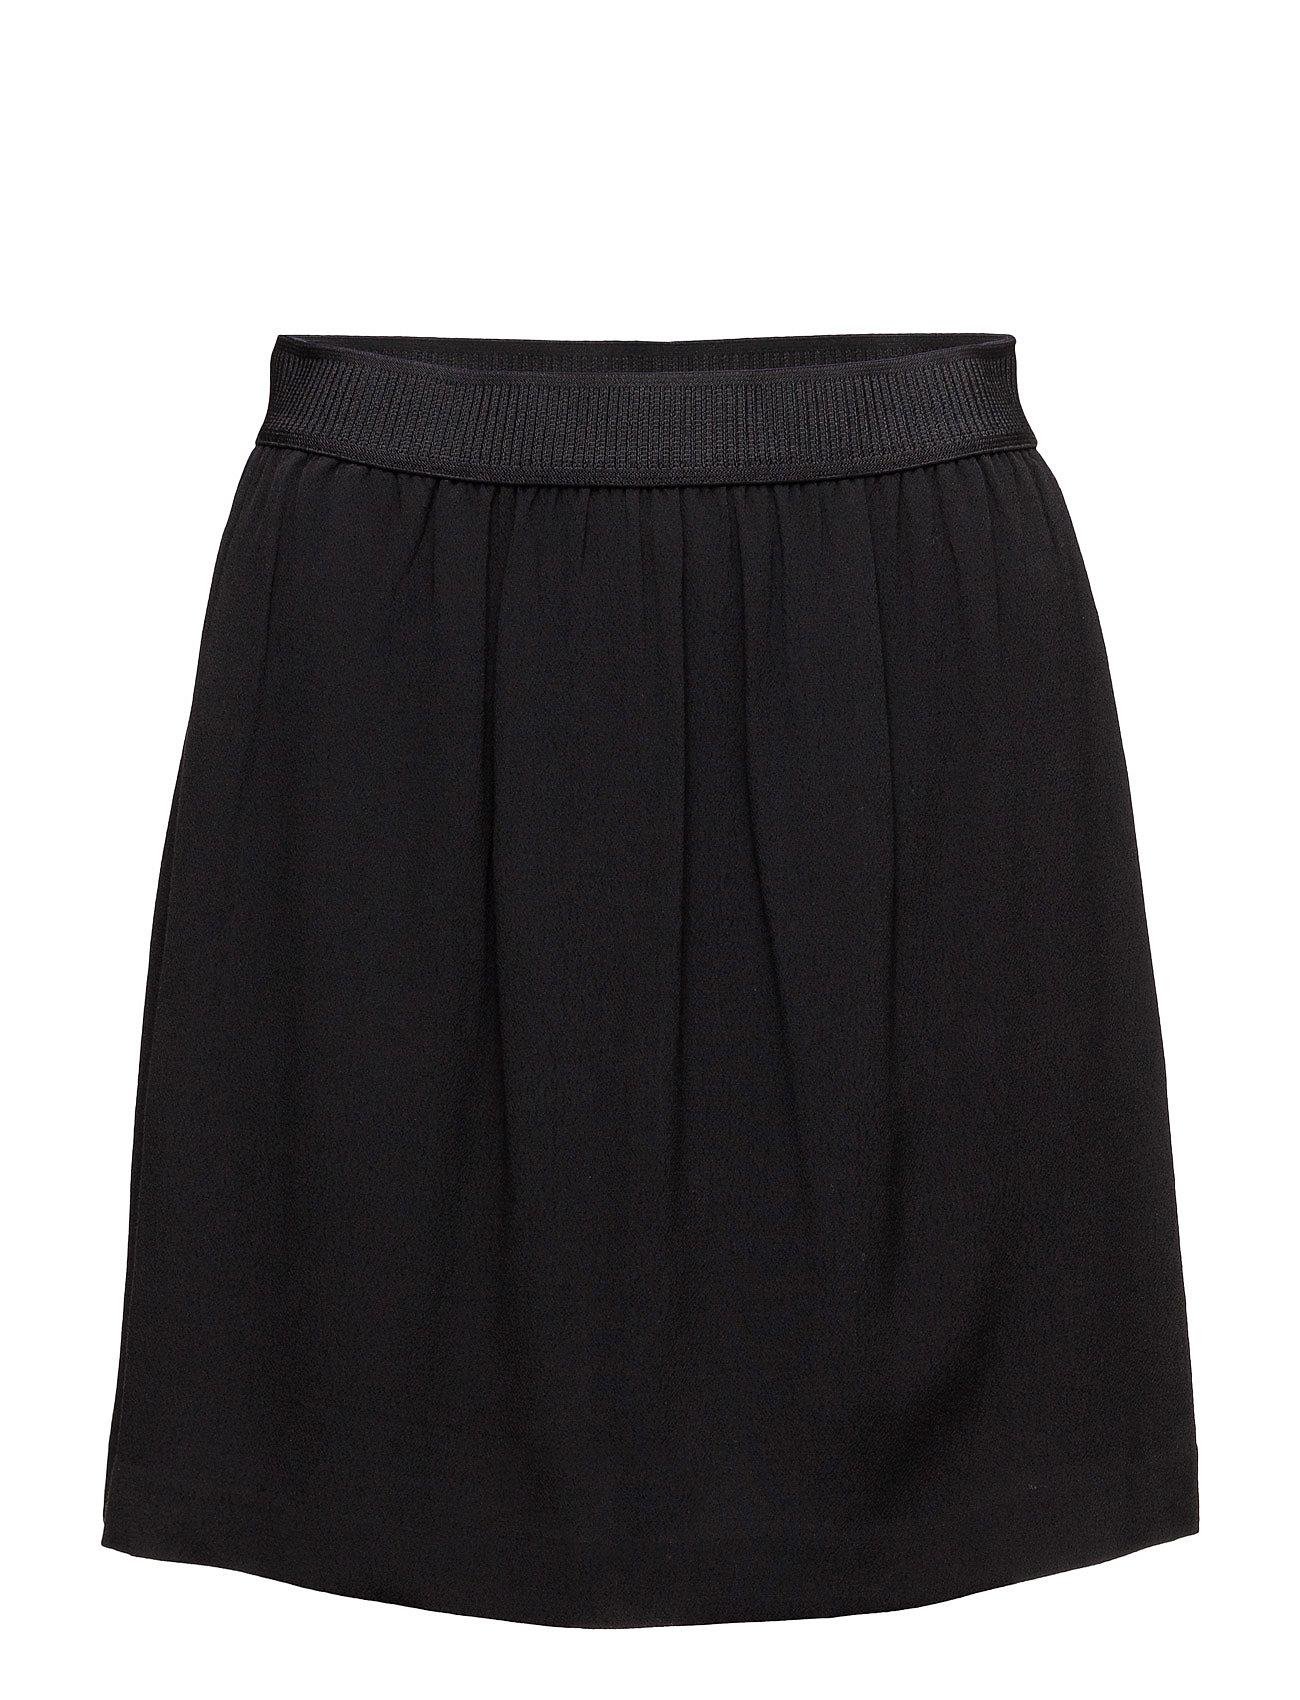 Nessie Skirt 6515